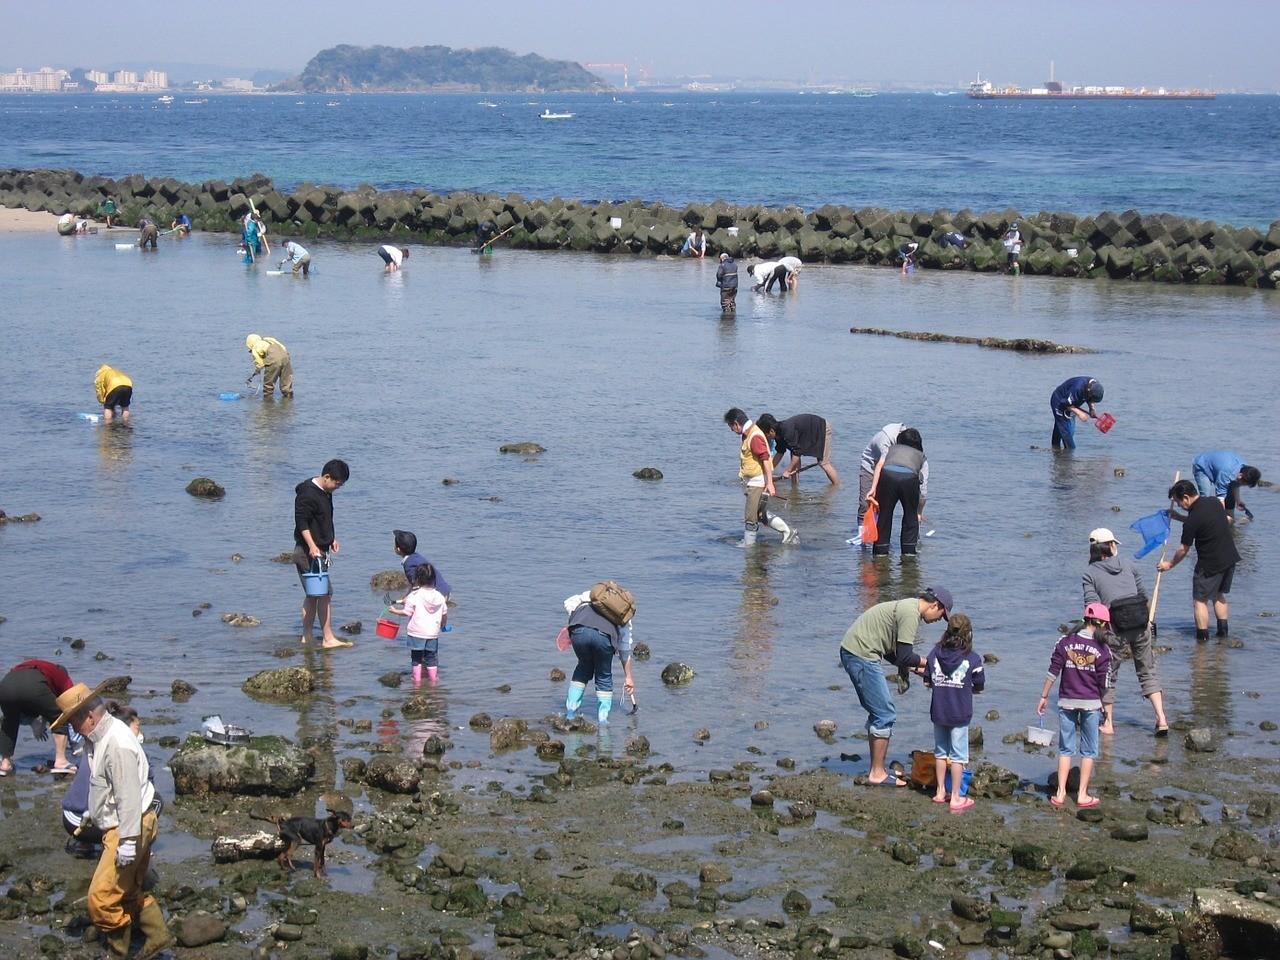 潮干狩り 海岸 風景